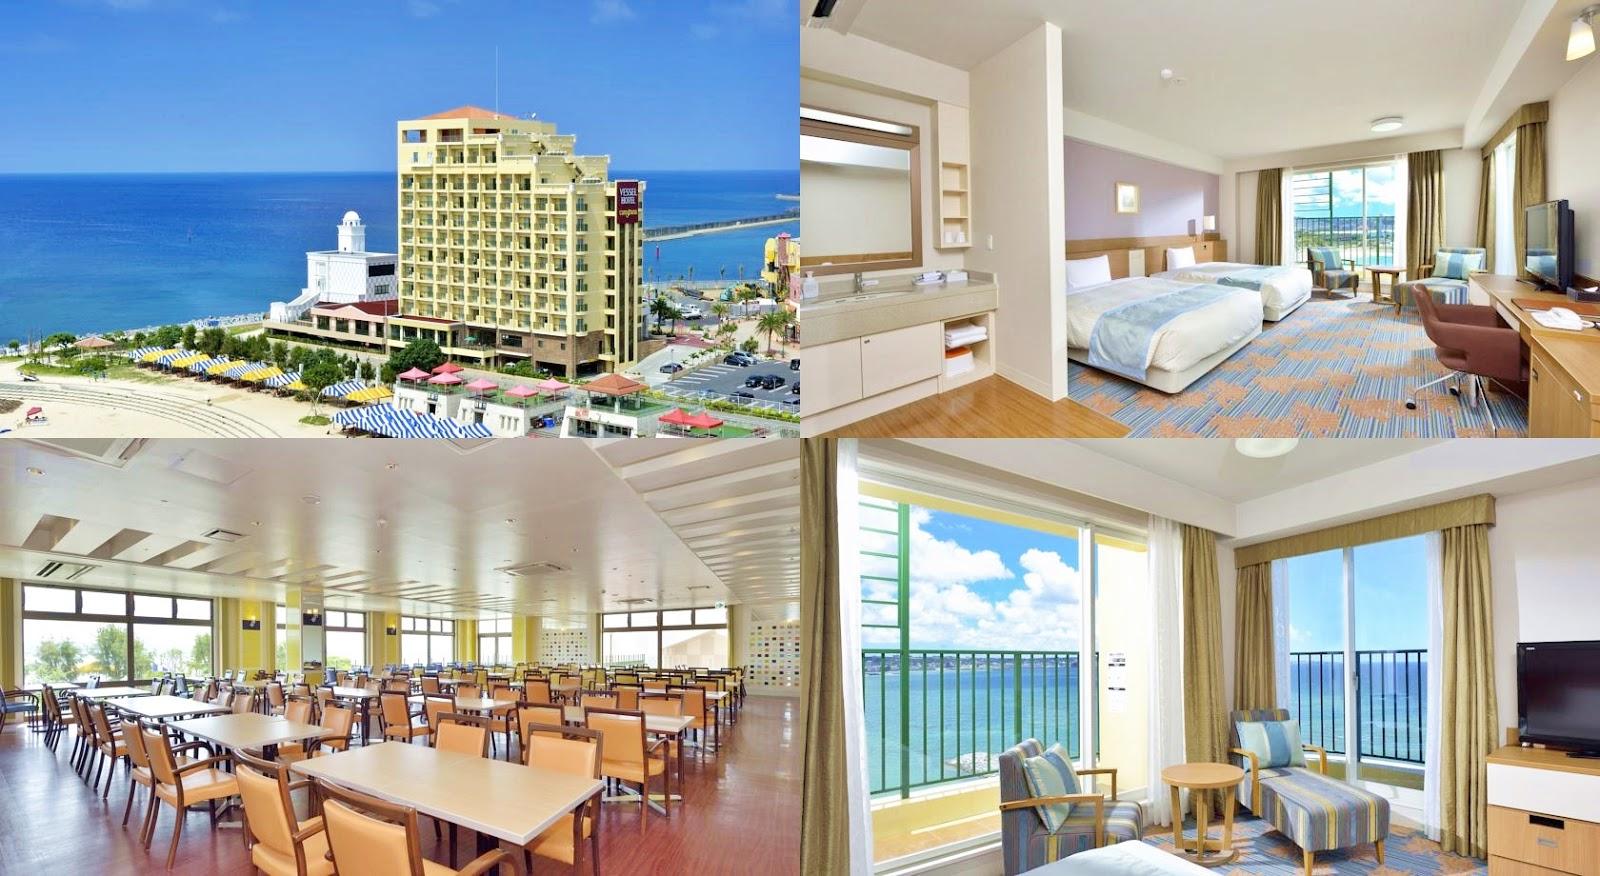 沖繩-住宿-推薦-飯店-旅館-民宿-公寓-沖繩坎帕納船舶酒店-Vessel-Hotel-Campana-Okinawa-hotel-recommendation